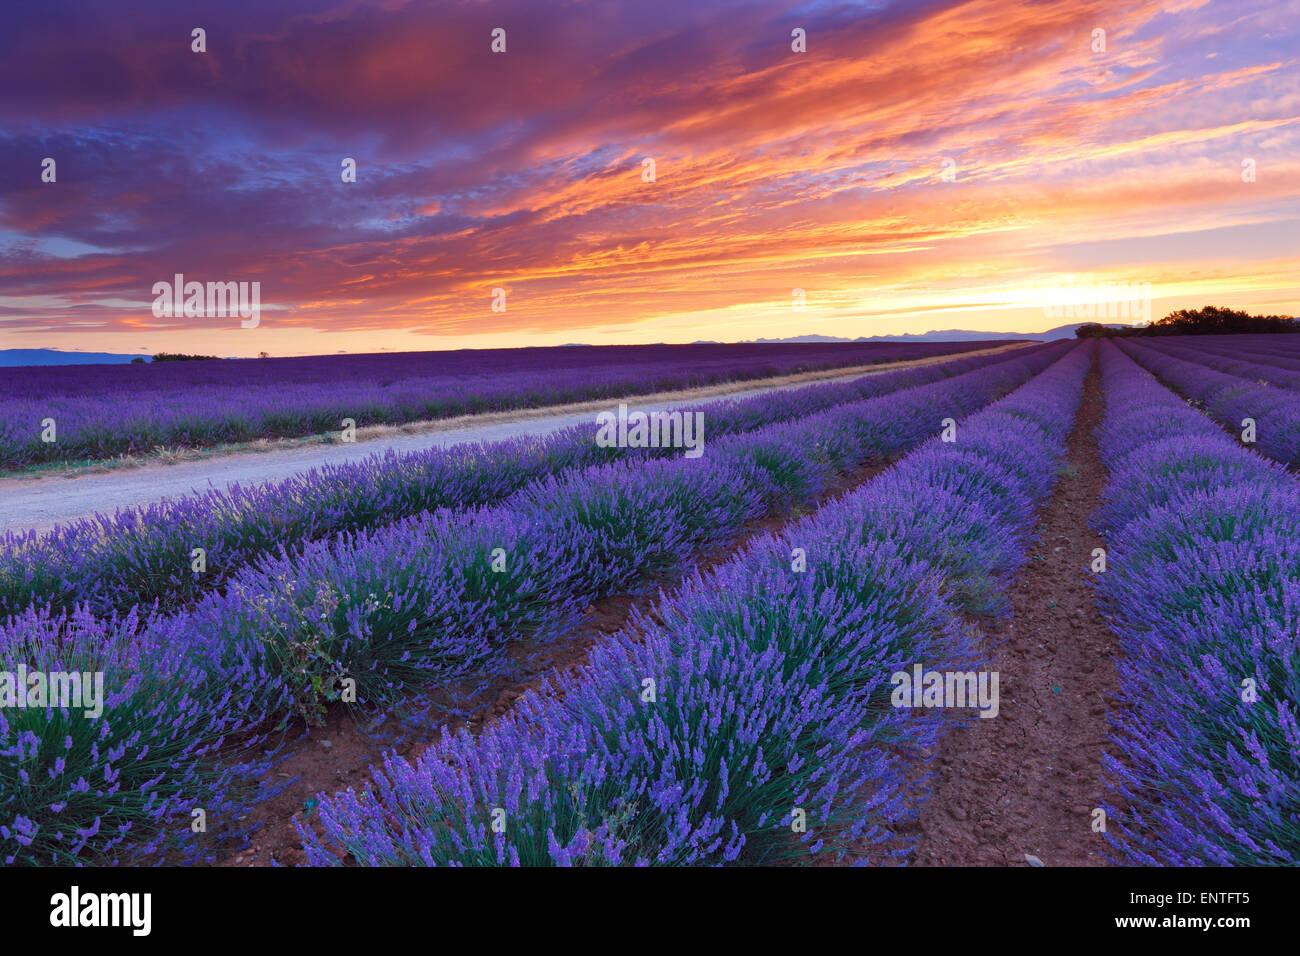 Lever de soleil sur champ de lavande à Valensole, Provence, France Photo Stock